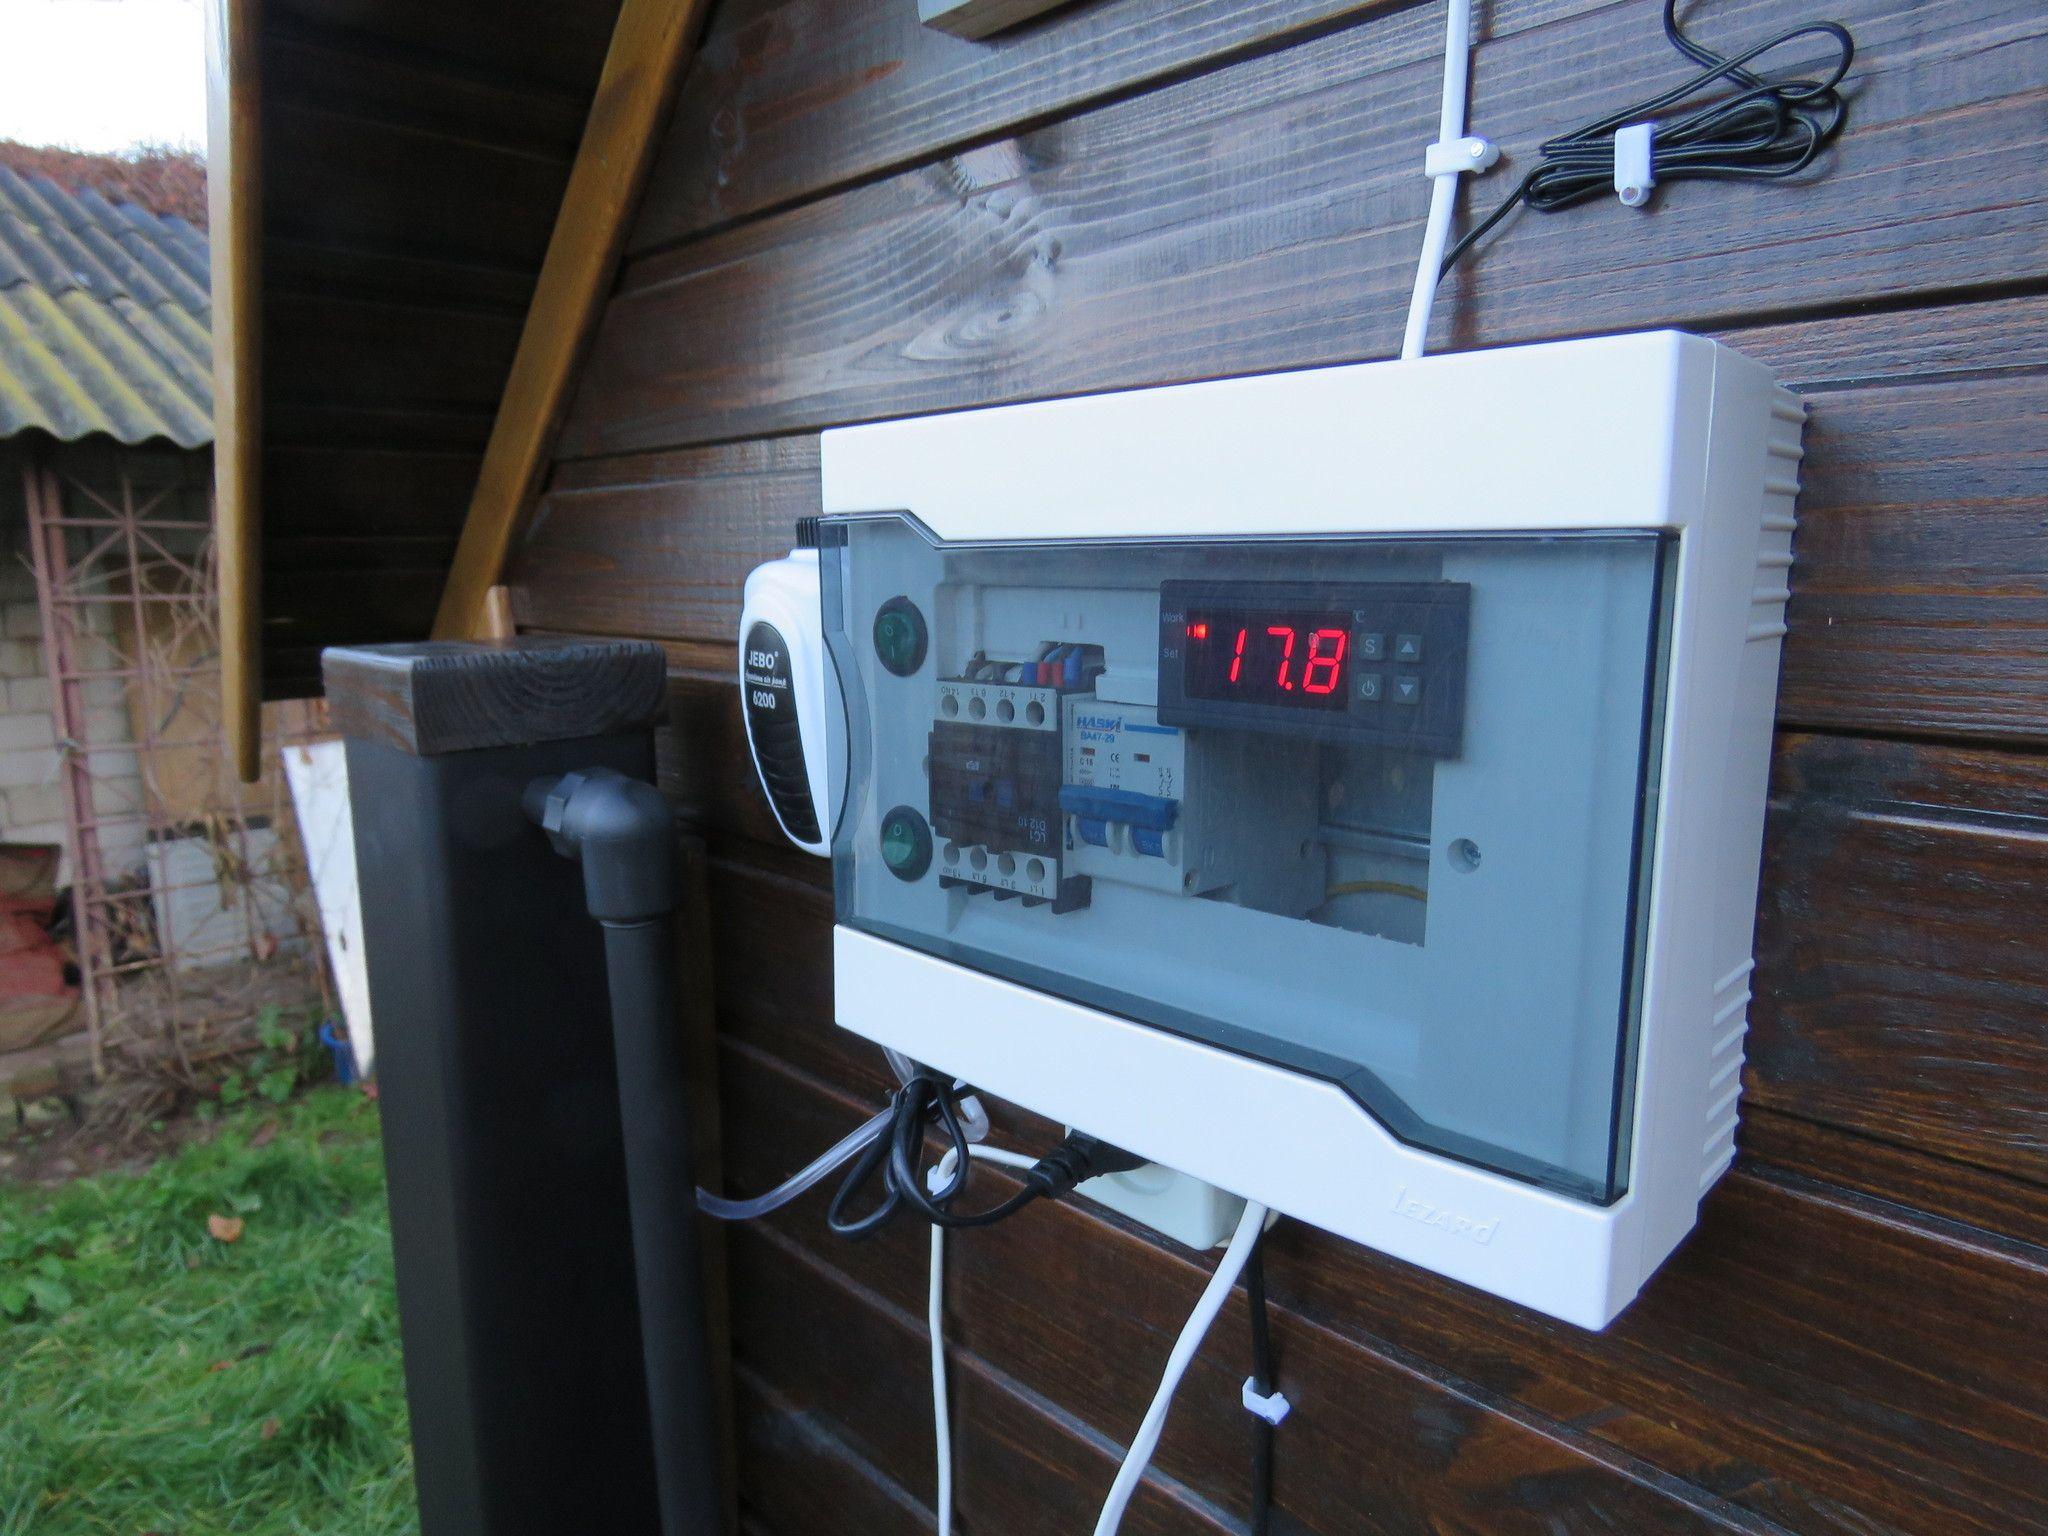 Время копчения в коптильне горячего копчения: температура и время горячего копчения различных продуктов.